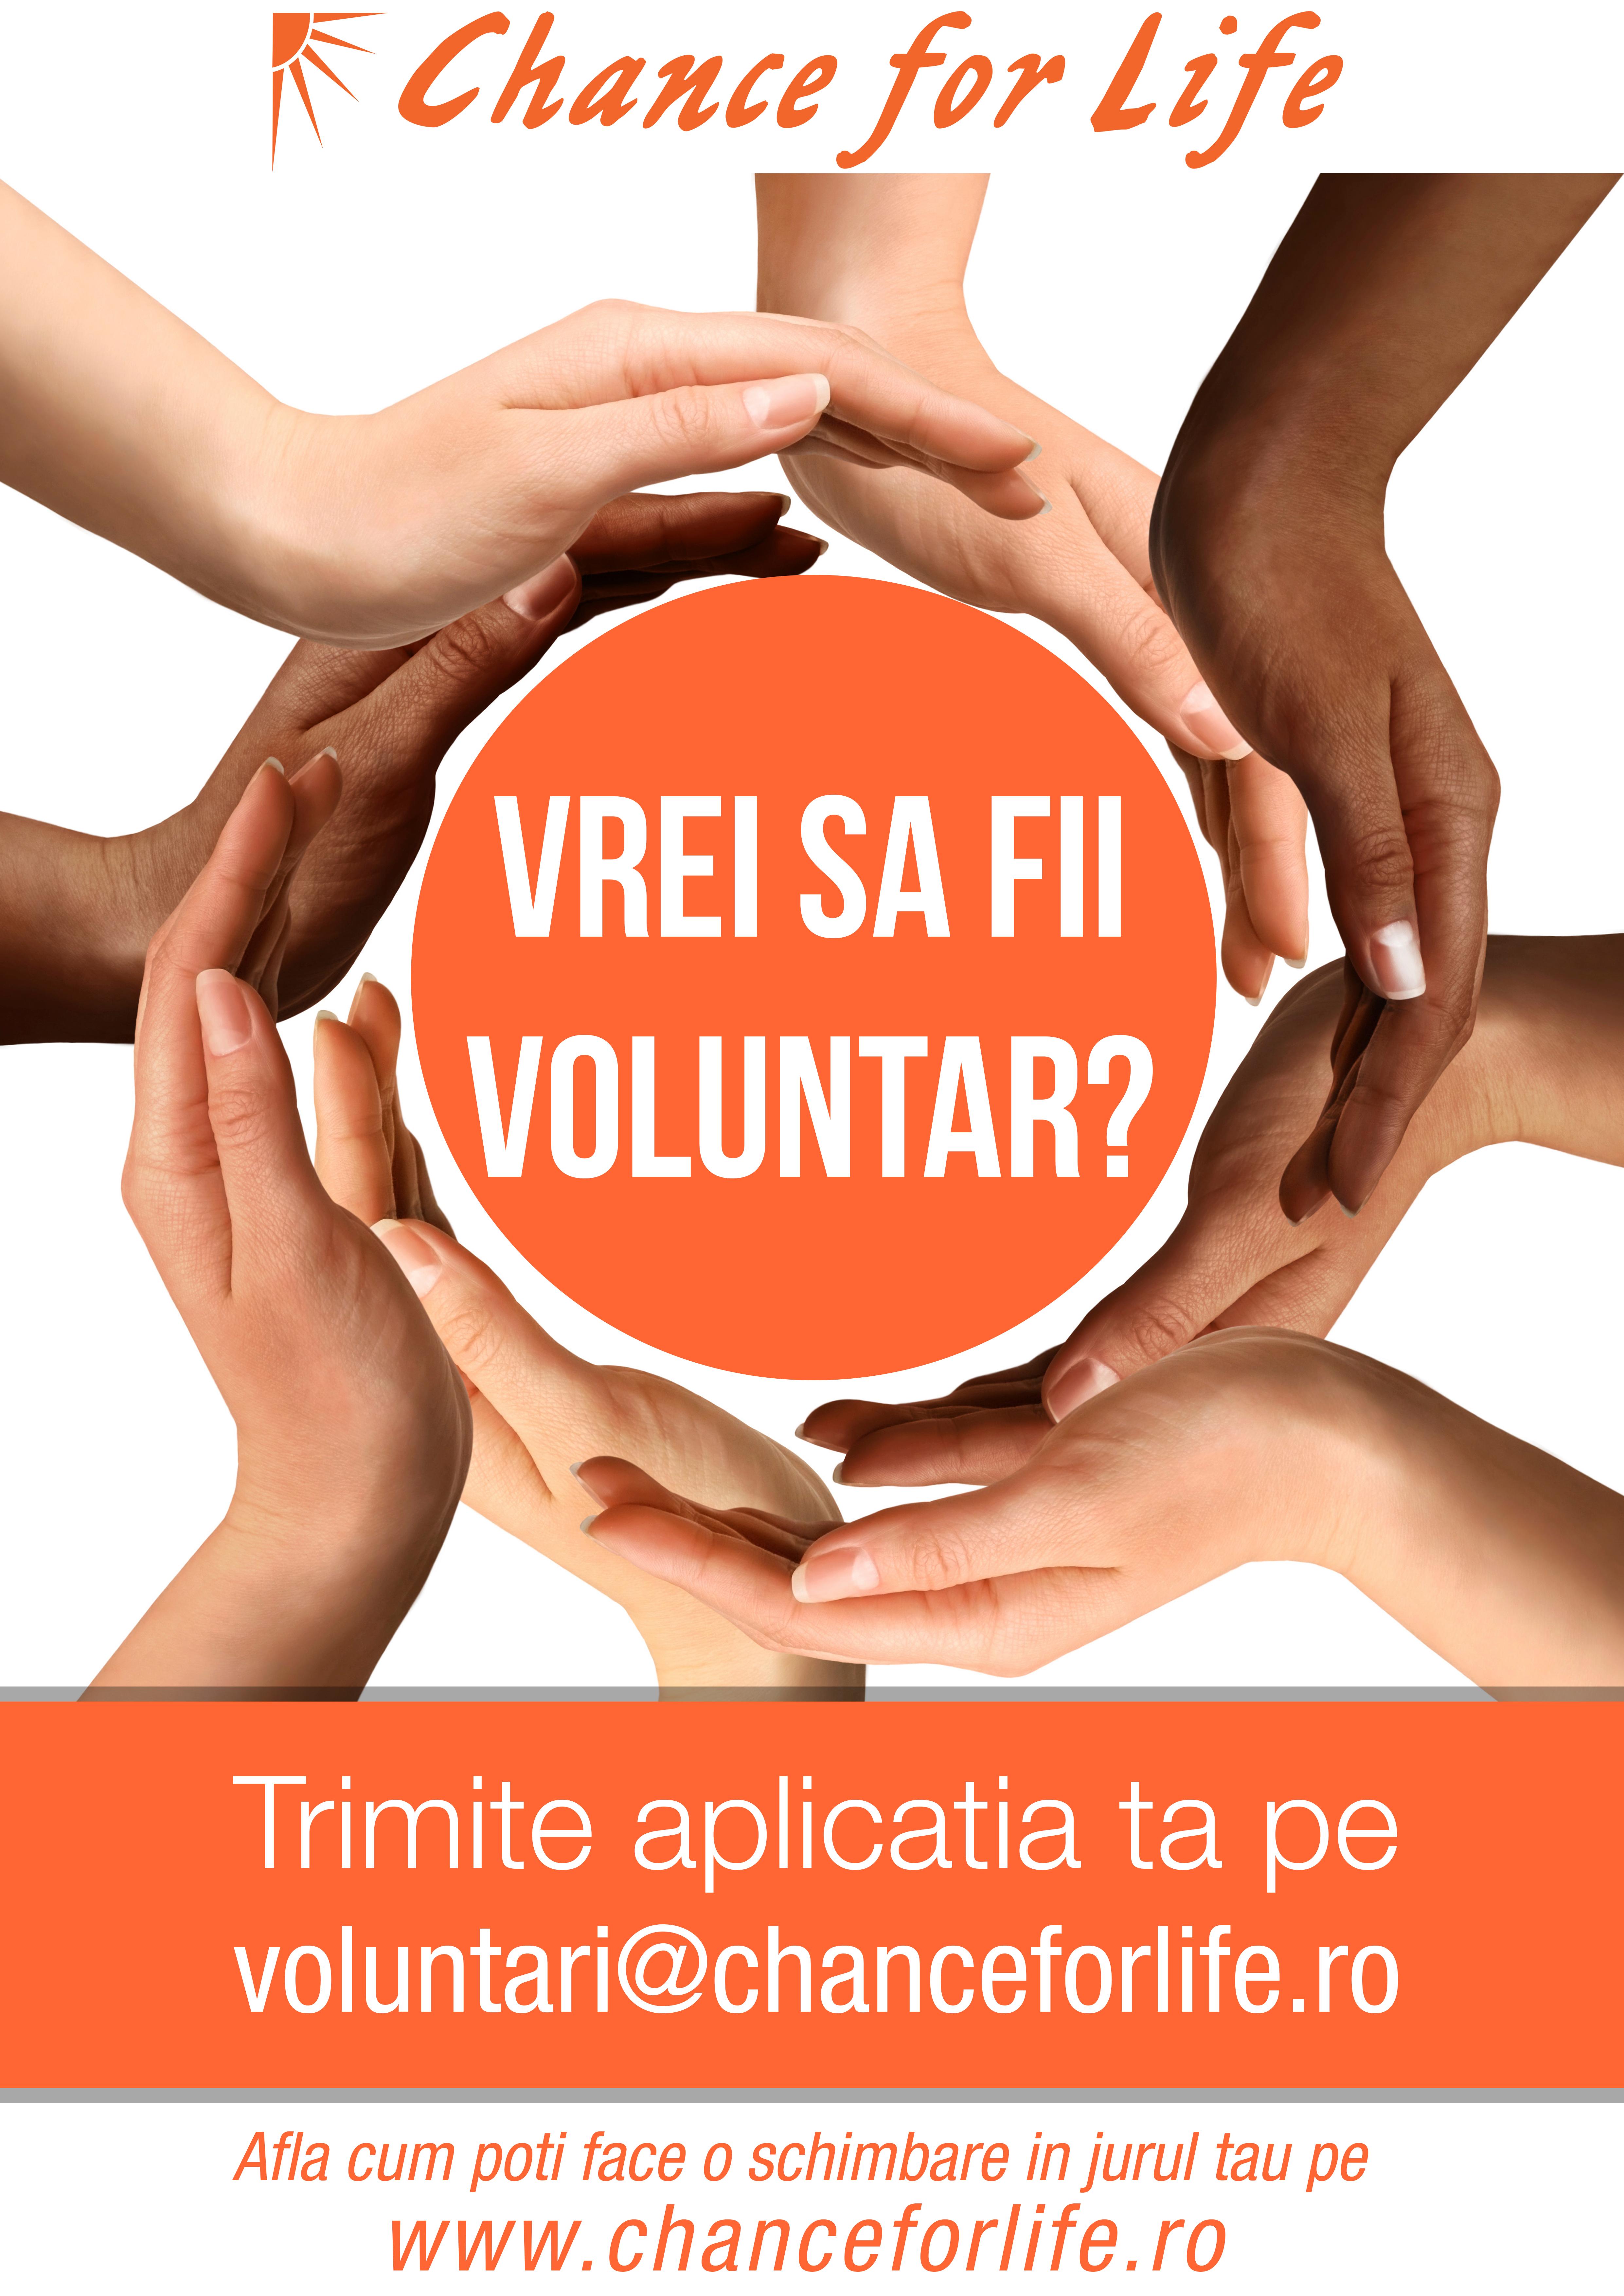 Vrei să îți dezvolți creativitatea în timp ce faci și o faptă bună? Fundația Chance for Life recrutează voluntari!